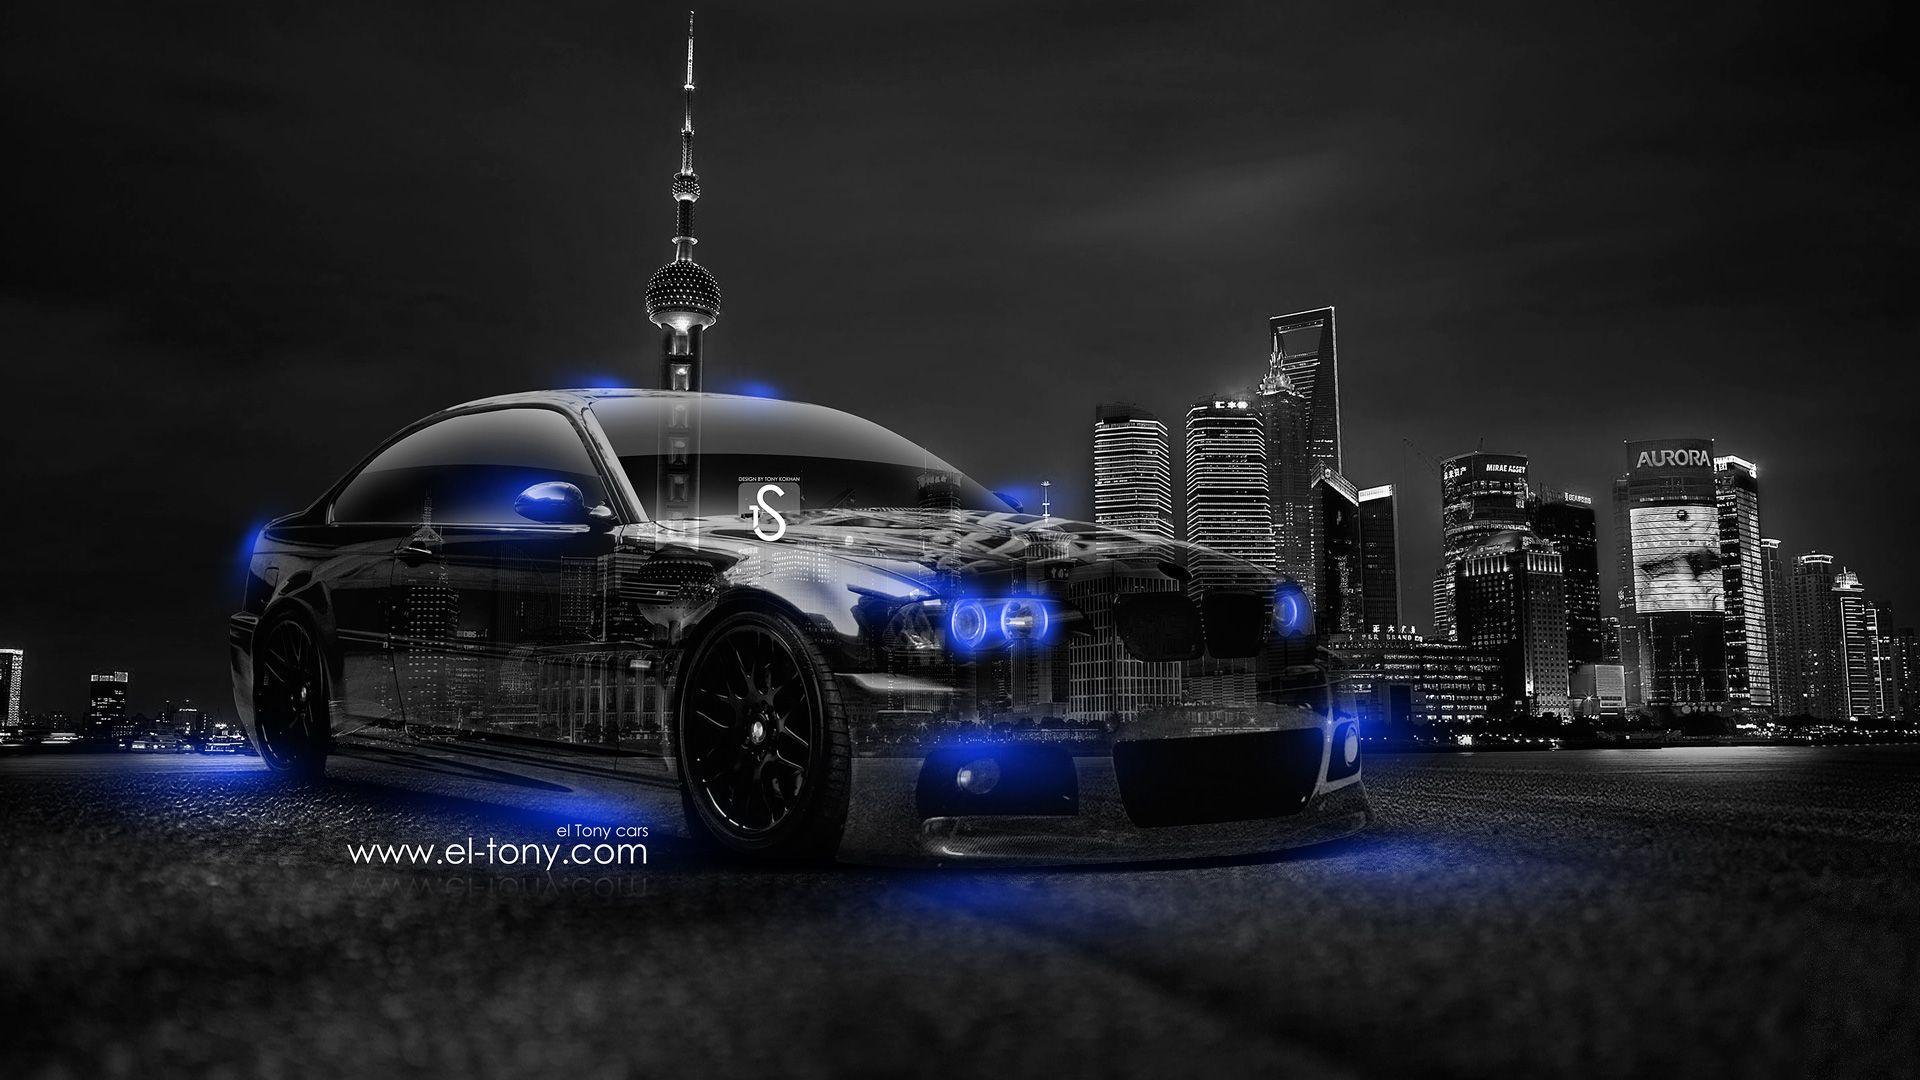 Charming BMW M3 Crystal City Car 2014 | El Tony